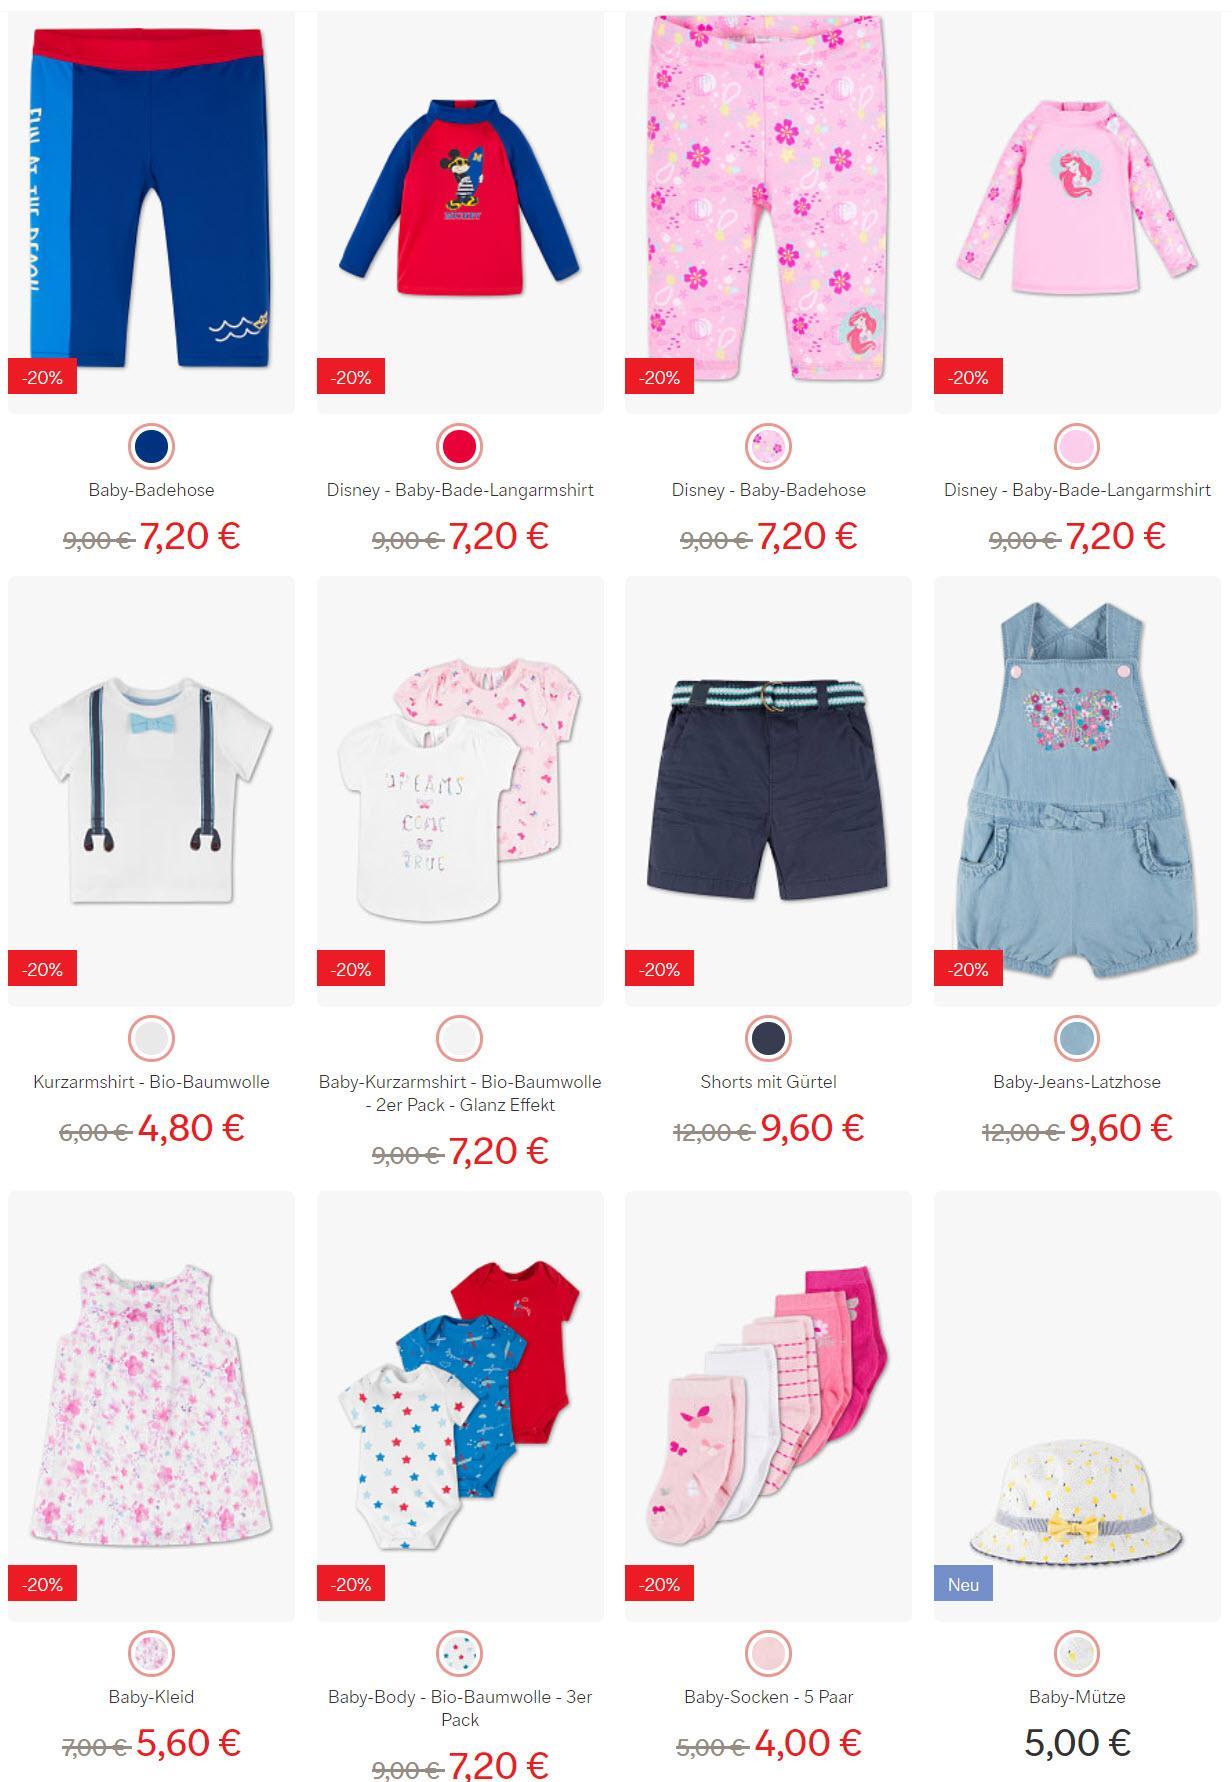 Детская одежда и обувь скидка 20% из магазина C&A (Германия)